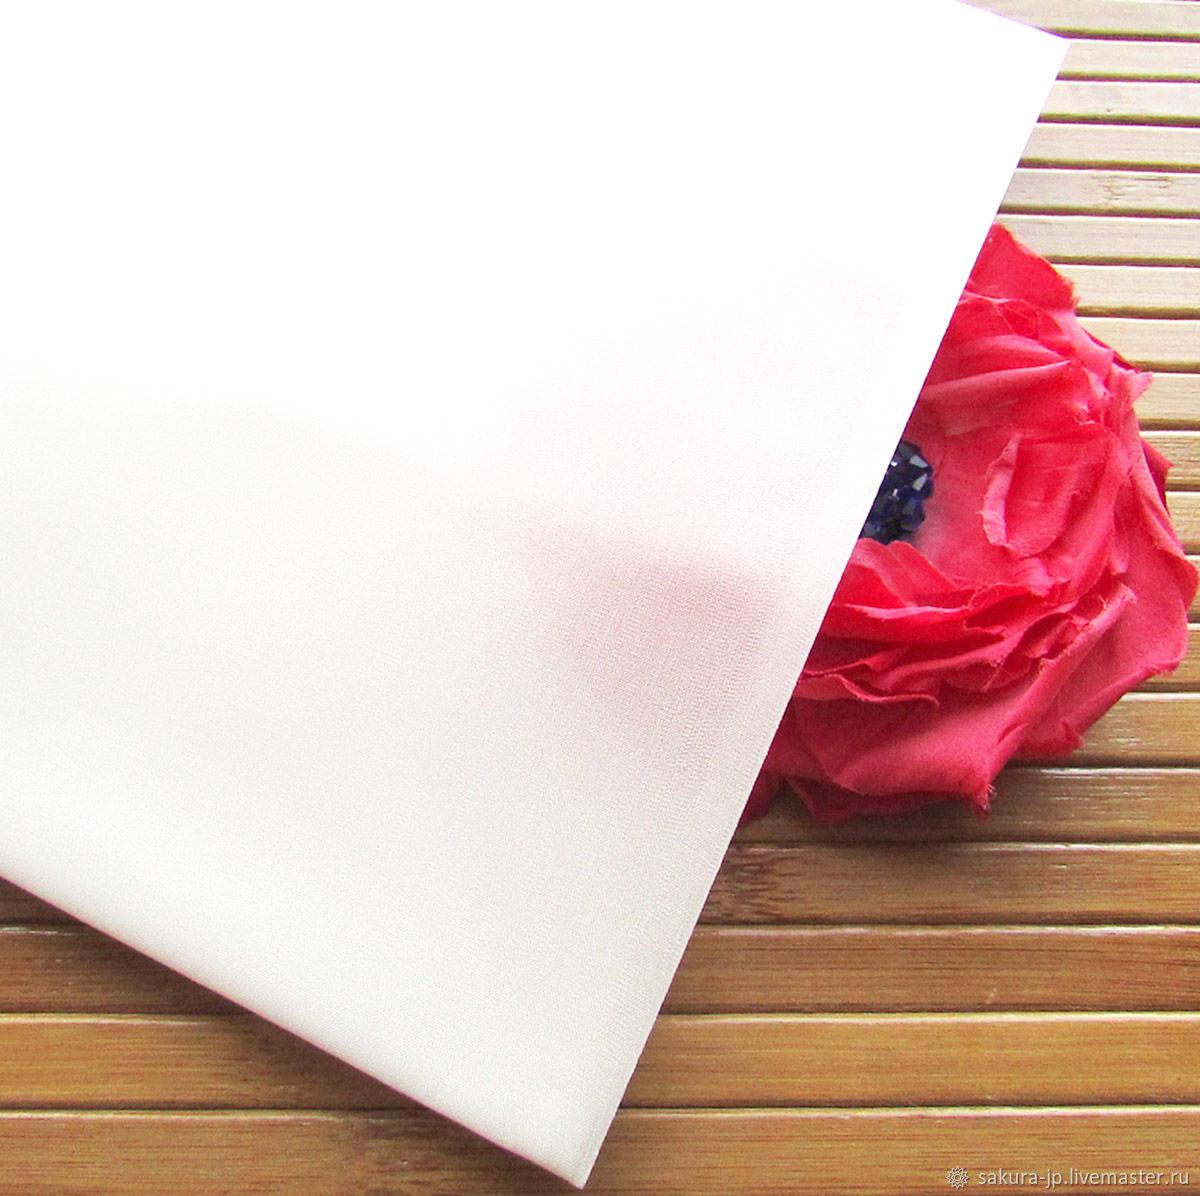 Хабутай 10 натуральный шелк. Японская ткань для цветов. САКУРА - материалы для цветоделия. Ярмарка мастеров.